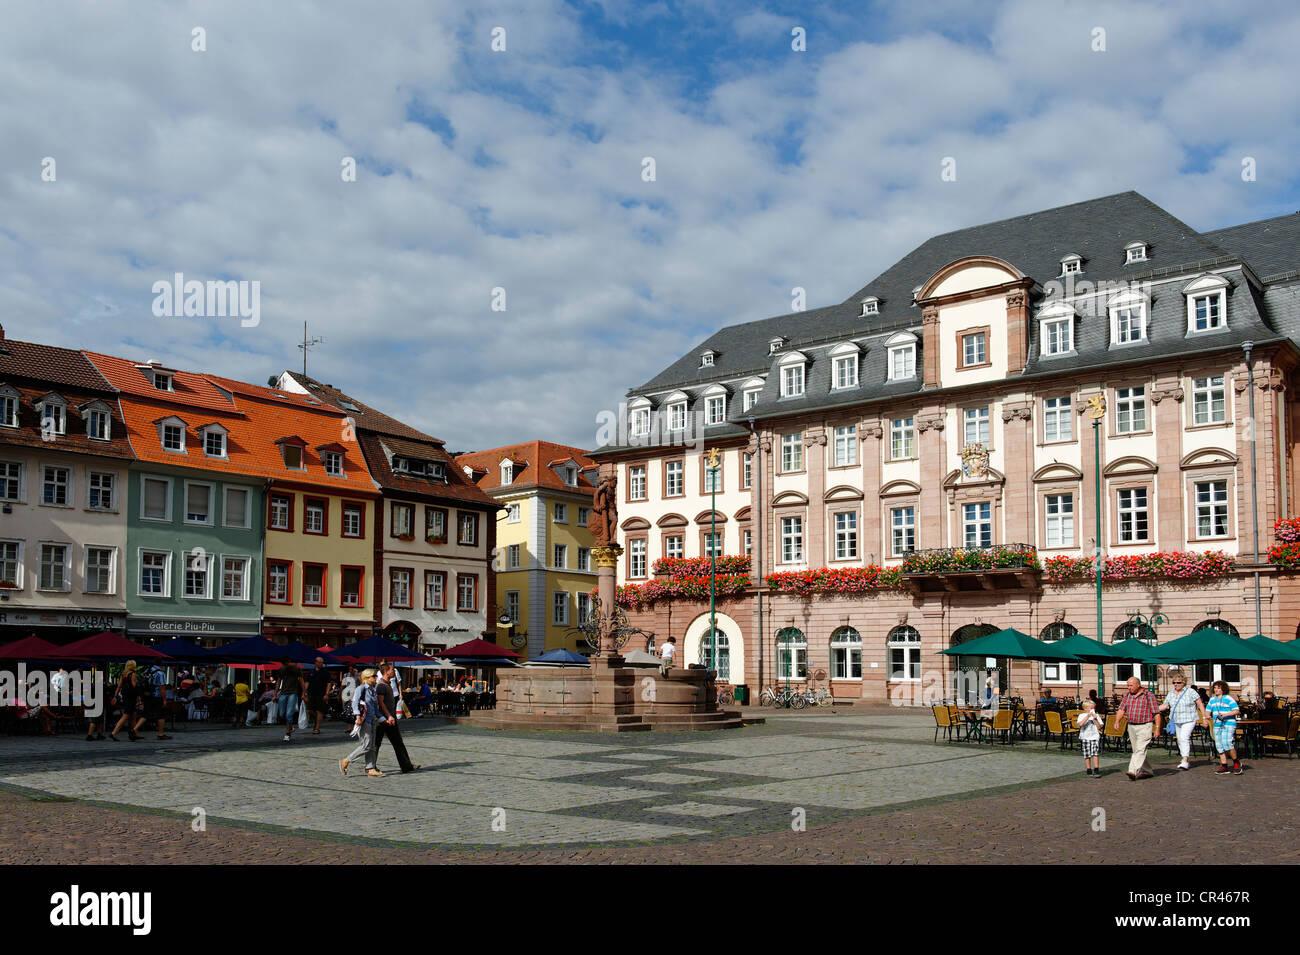 Il municipio con la fontana di Ercole, Heidelberg, Baden-Wuerttemberg, Deutschland, Europa Immagini Stock